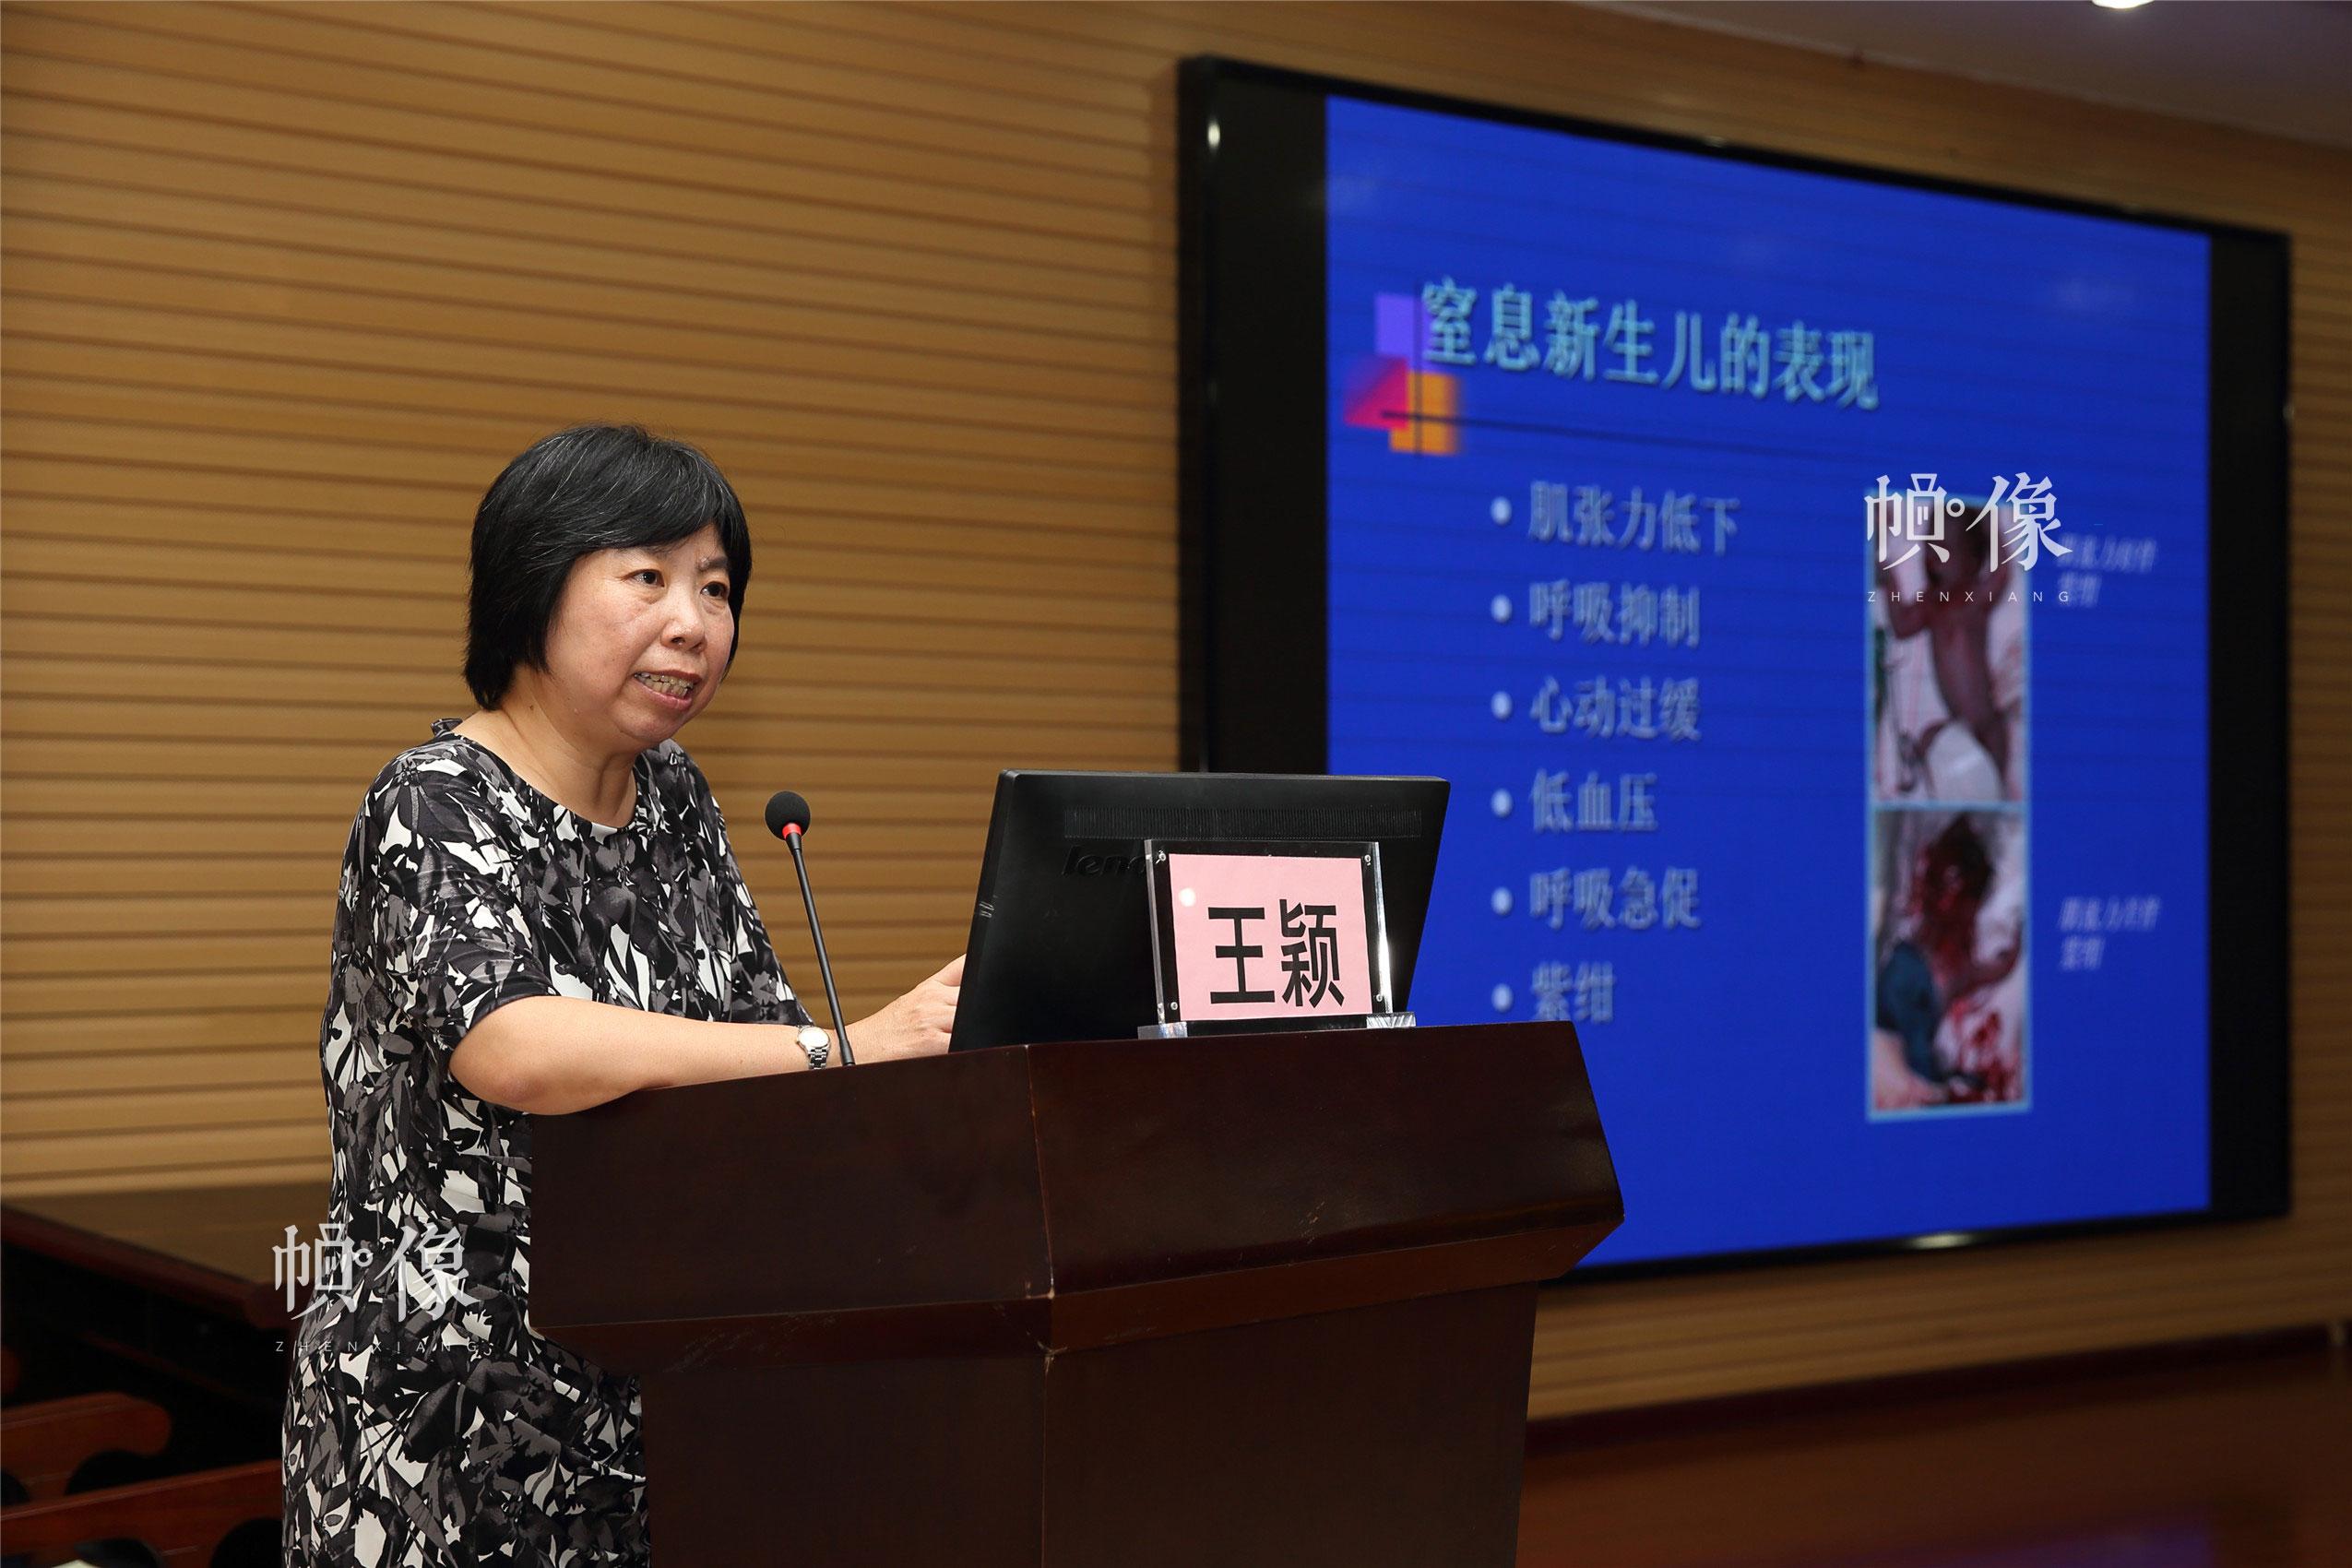 北大醫院新生兒科重症監護室王穎教授為當地醫生進行培訓。中國網記者 陳維松 攝